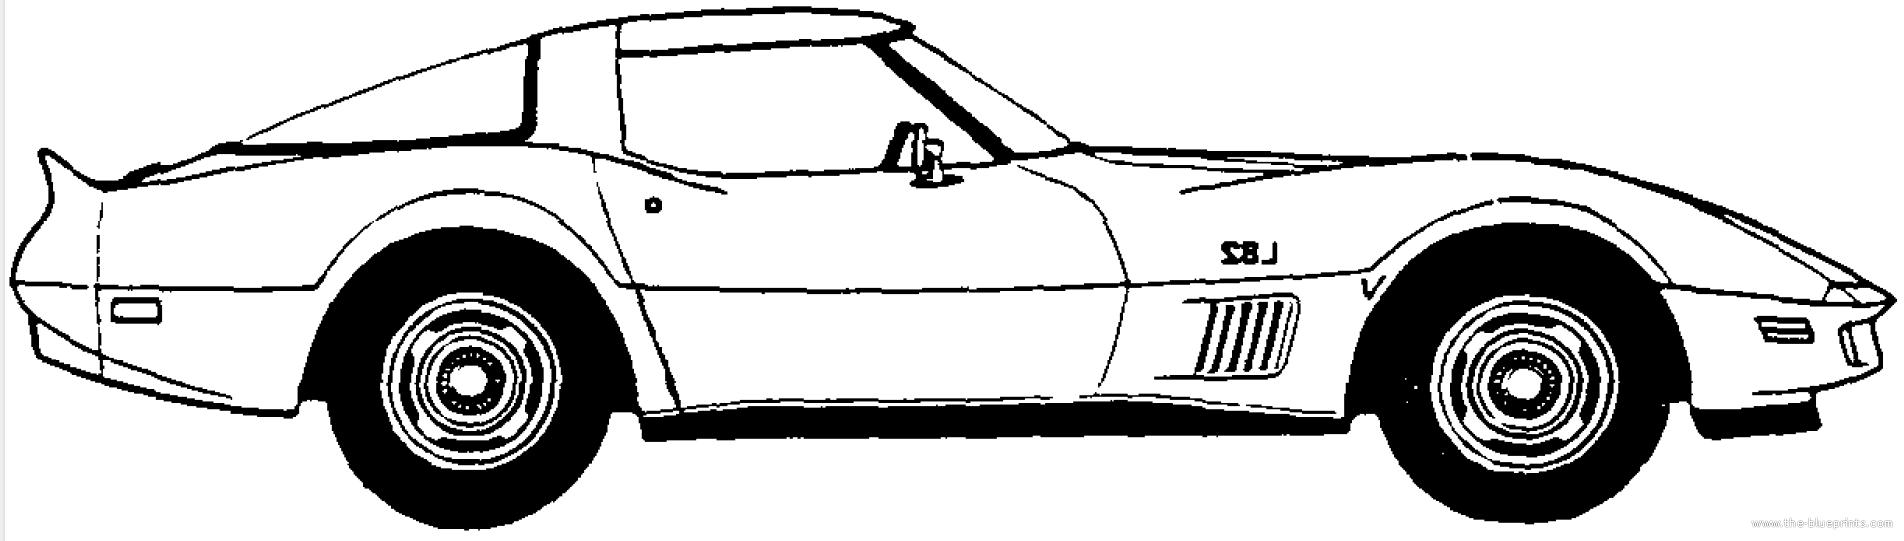 1980s camaro clipart